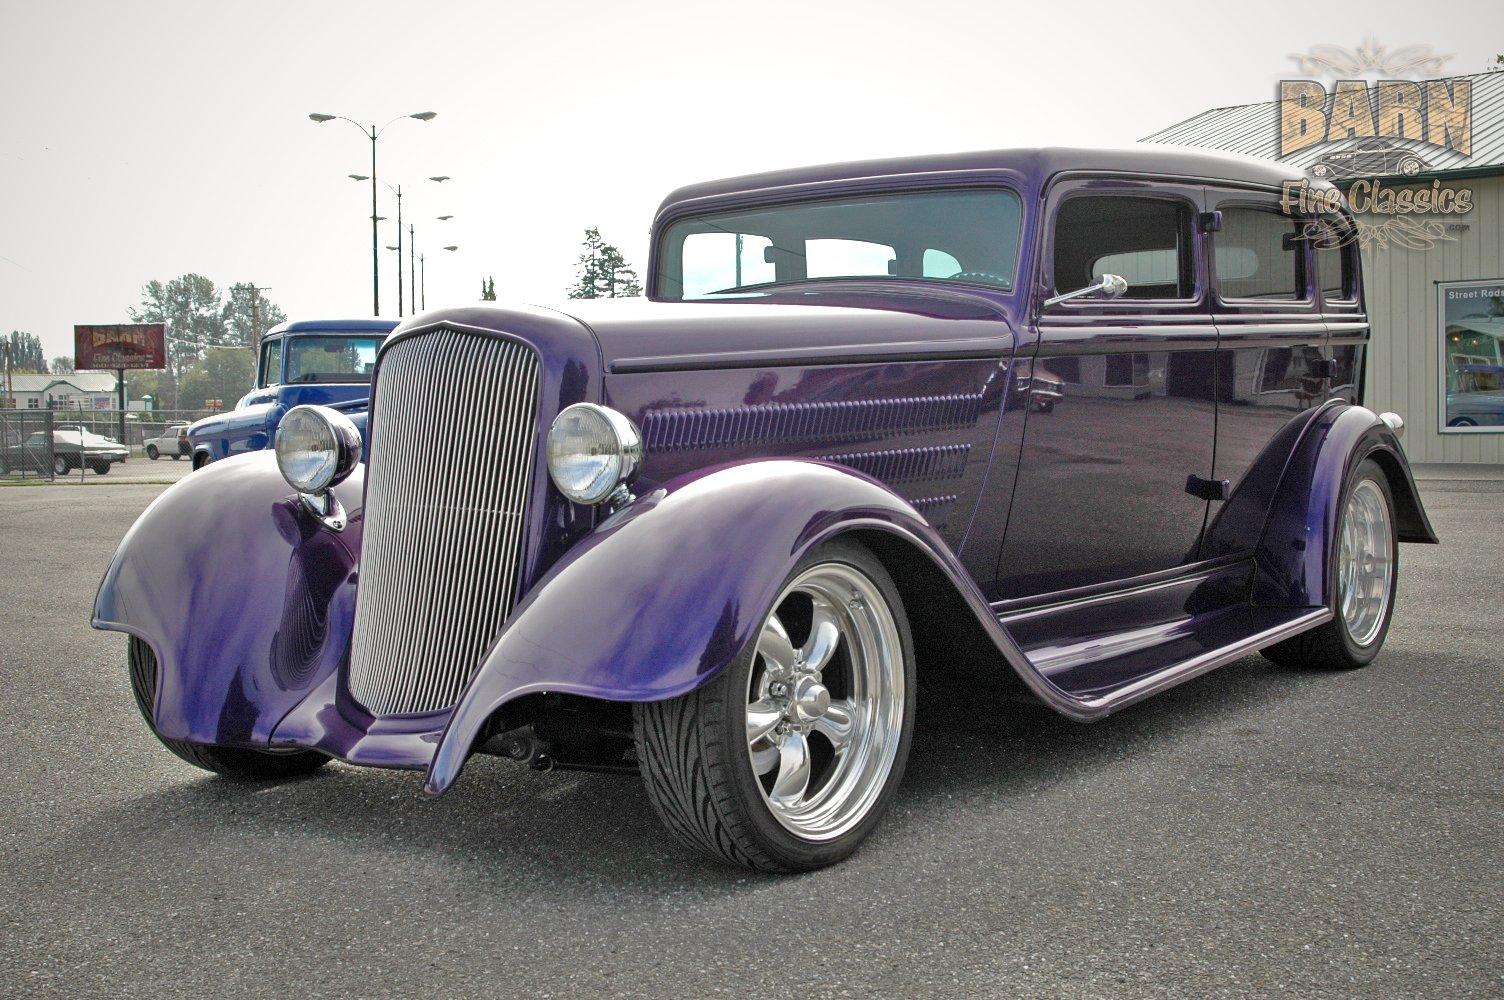 1933 plymouth sedan streetrod autos post for 1933 plymouth 4 door sedan for sale